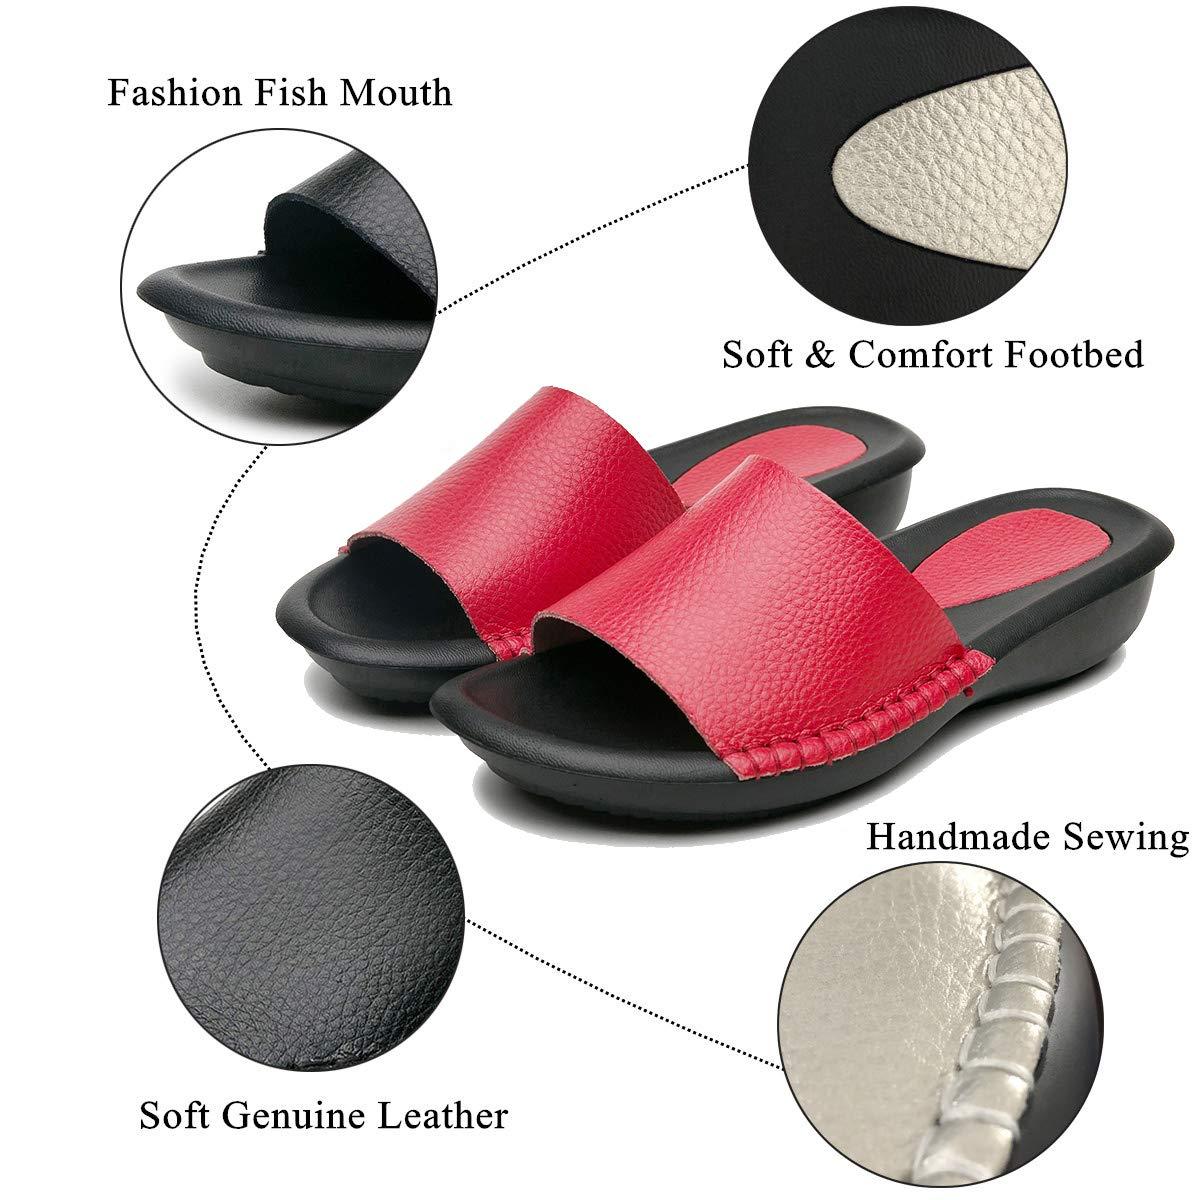 Yooeen Mules en Cuir Femme /Ét/é Mode Sandales Bout Ouvert Plates Compens/ées Pantoufles dint/érieur et ext/érieur Chaussons de Plage Confortables Chaussures d/ét/é